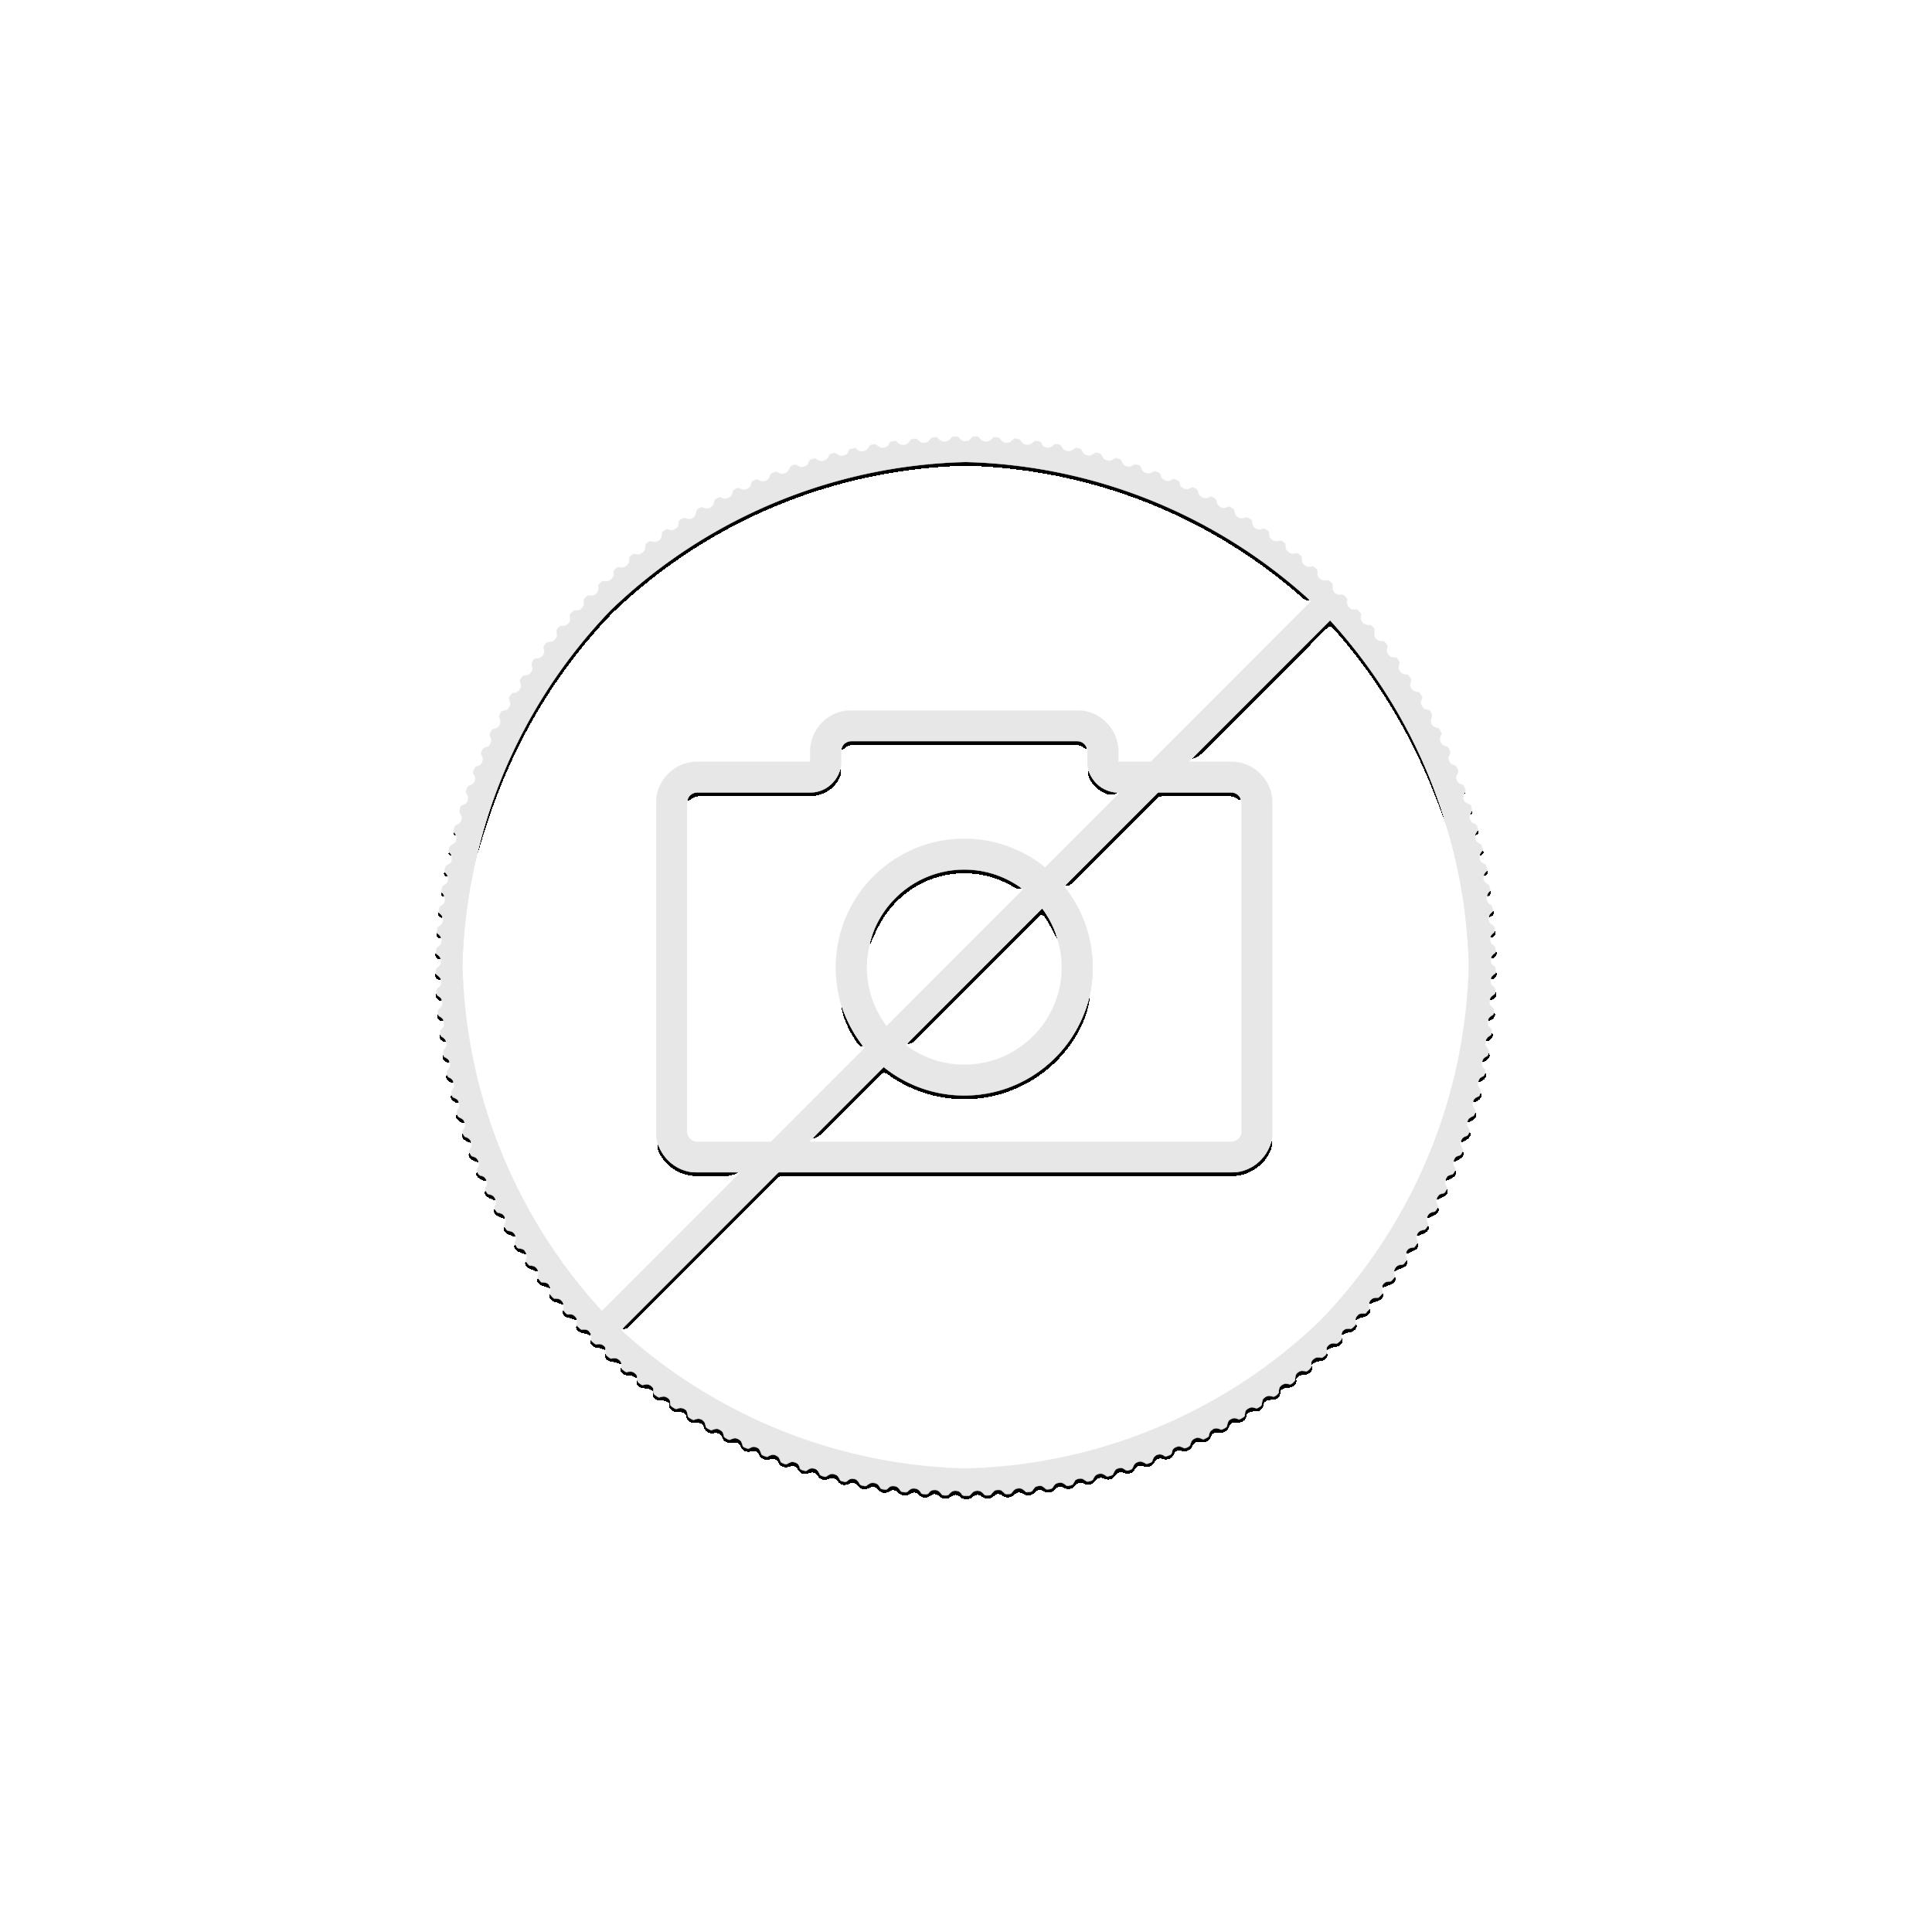 1 Kilo Koala silver coin 2012